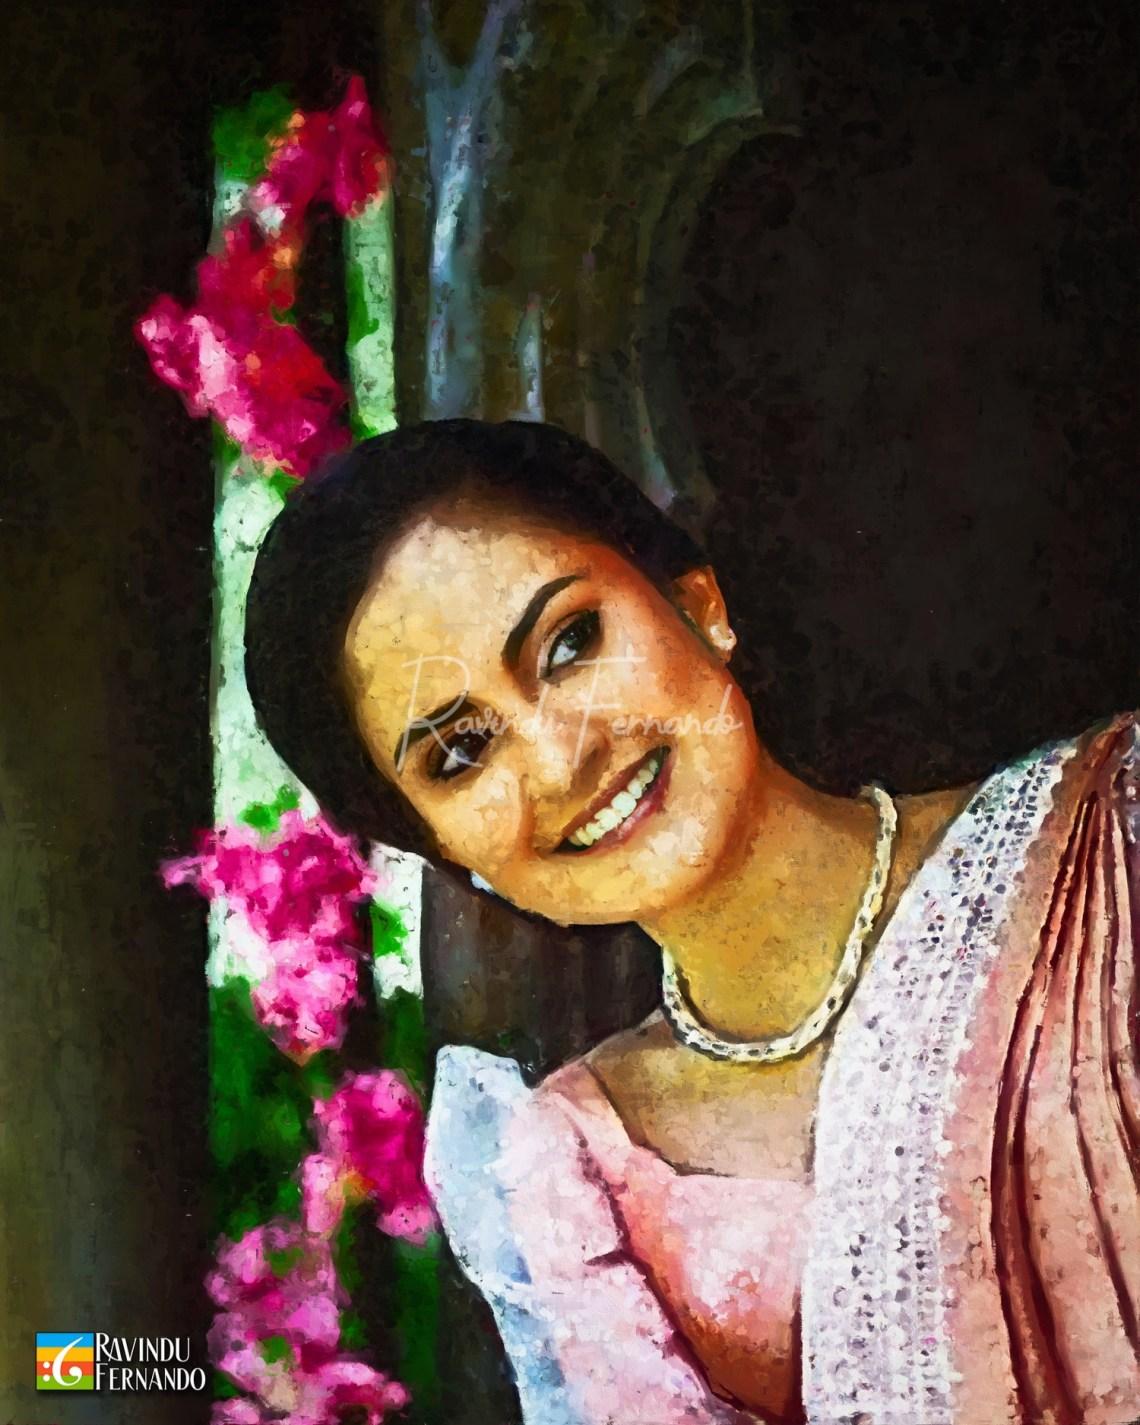 Kanchana Anuradhi Digital Oil Painting by Ravindu Fernando